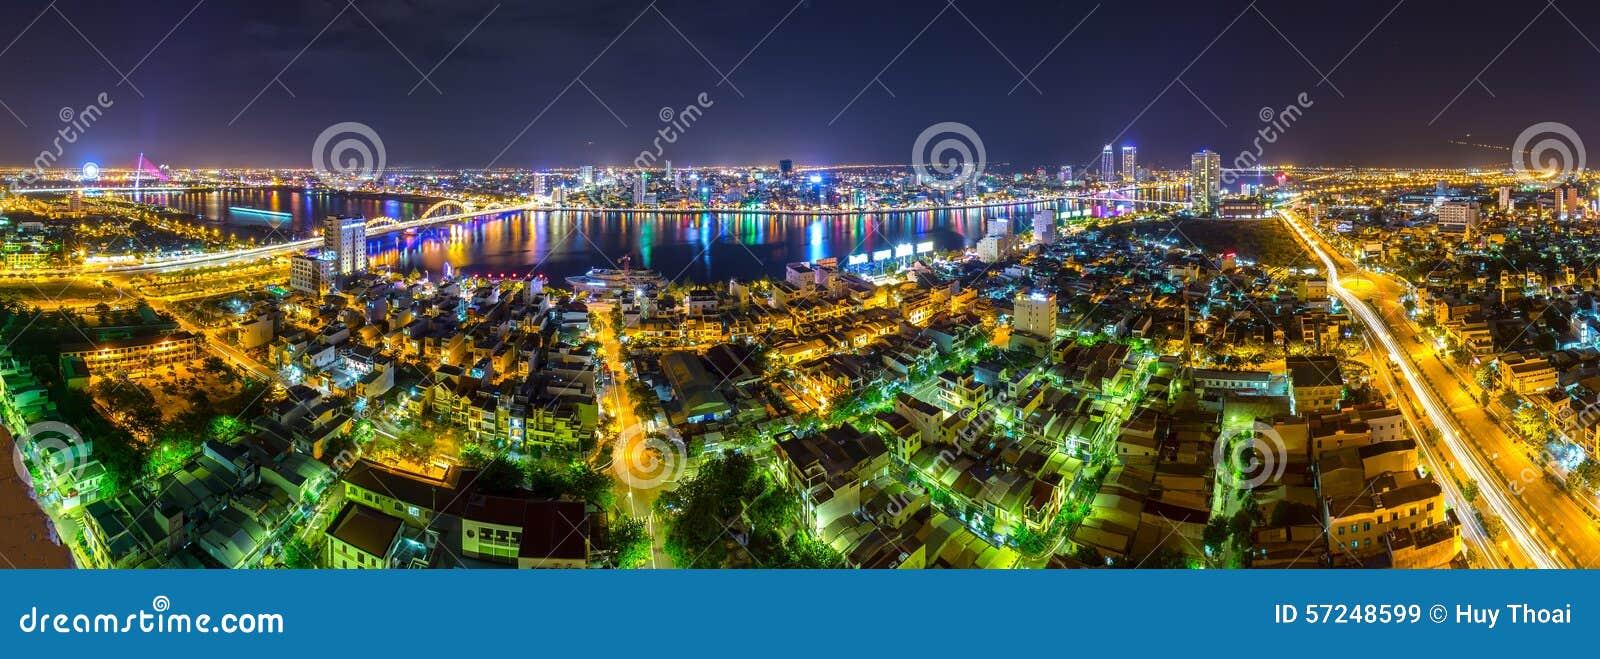 Vie nocturne panoramique de ville de Danang